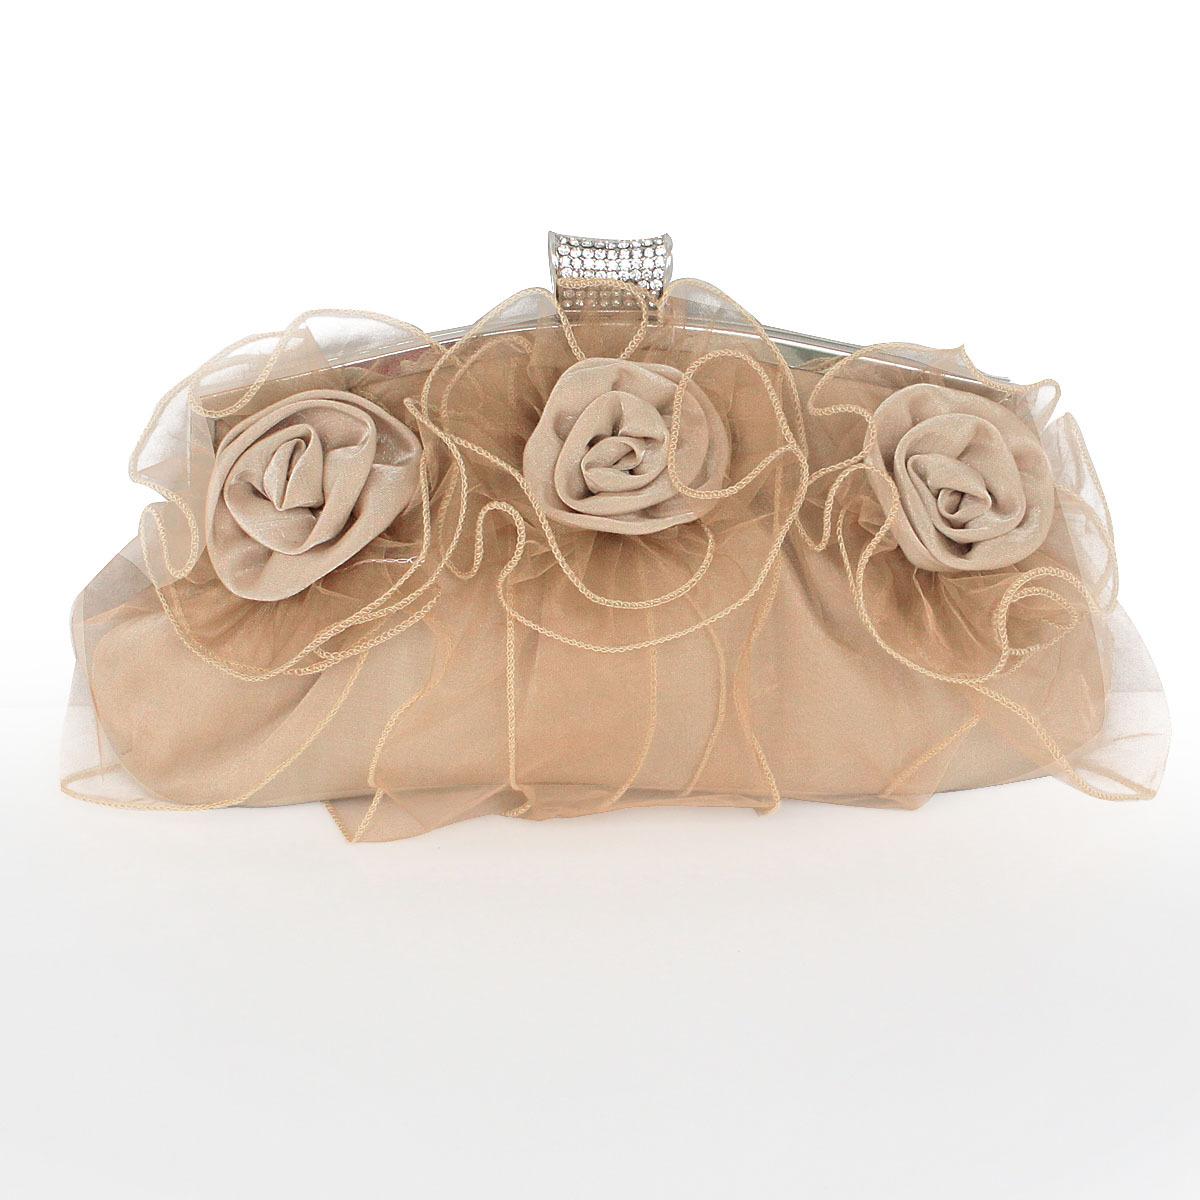 女手包 新品 正品 时尚甜美淑女可爱花朵包 蕾丝包 靓丽女包